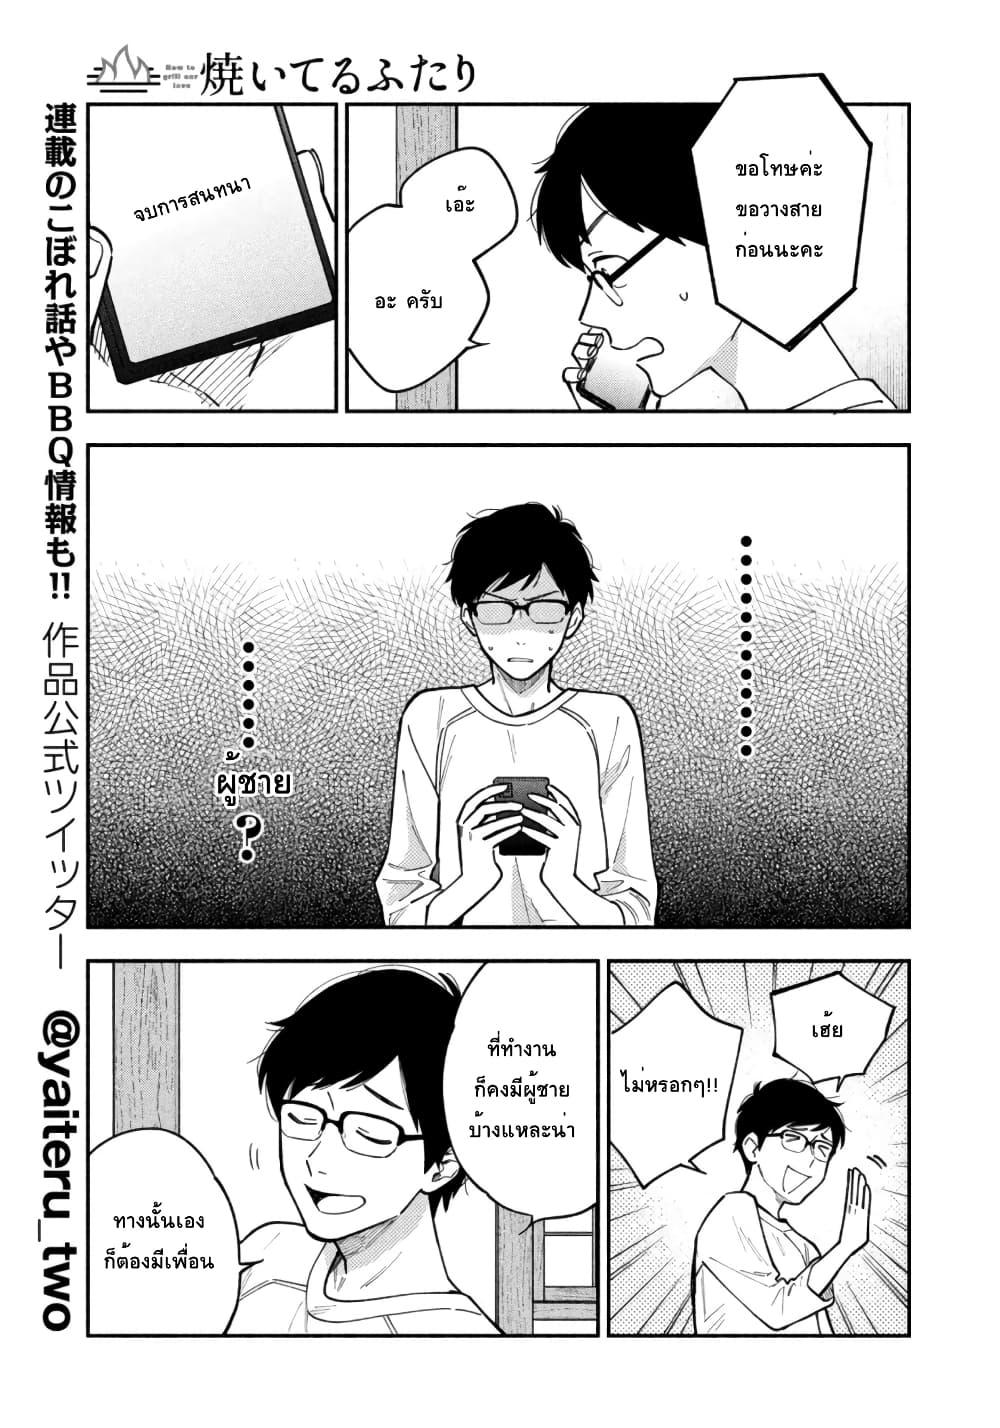 อ่านการ์ตูน Yaiteru Futari ตอนที่ 6 หน้าที่ 5